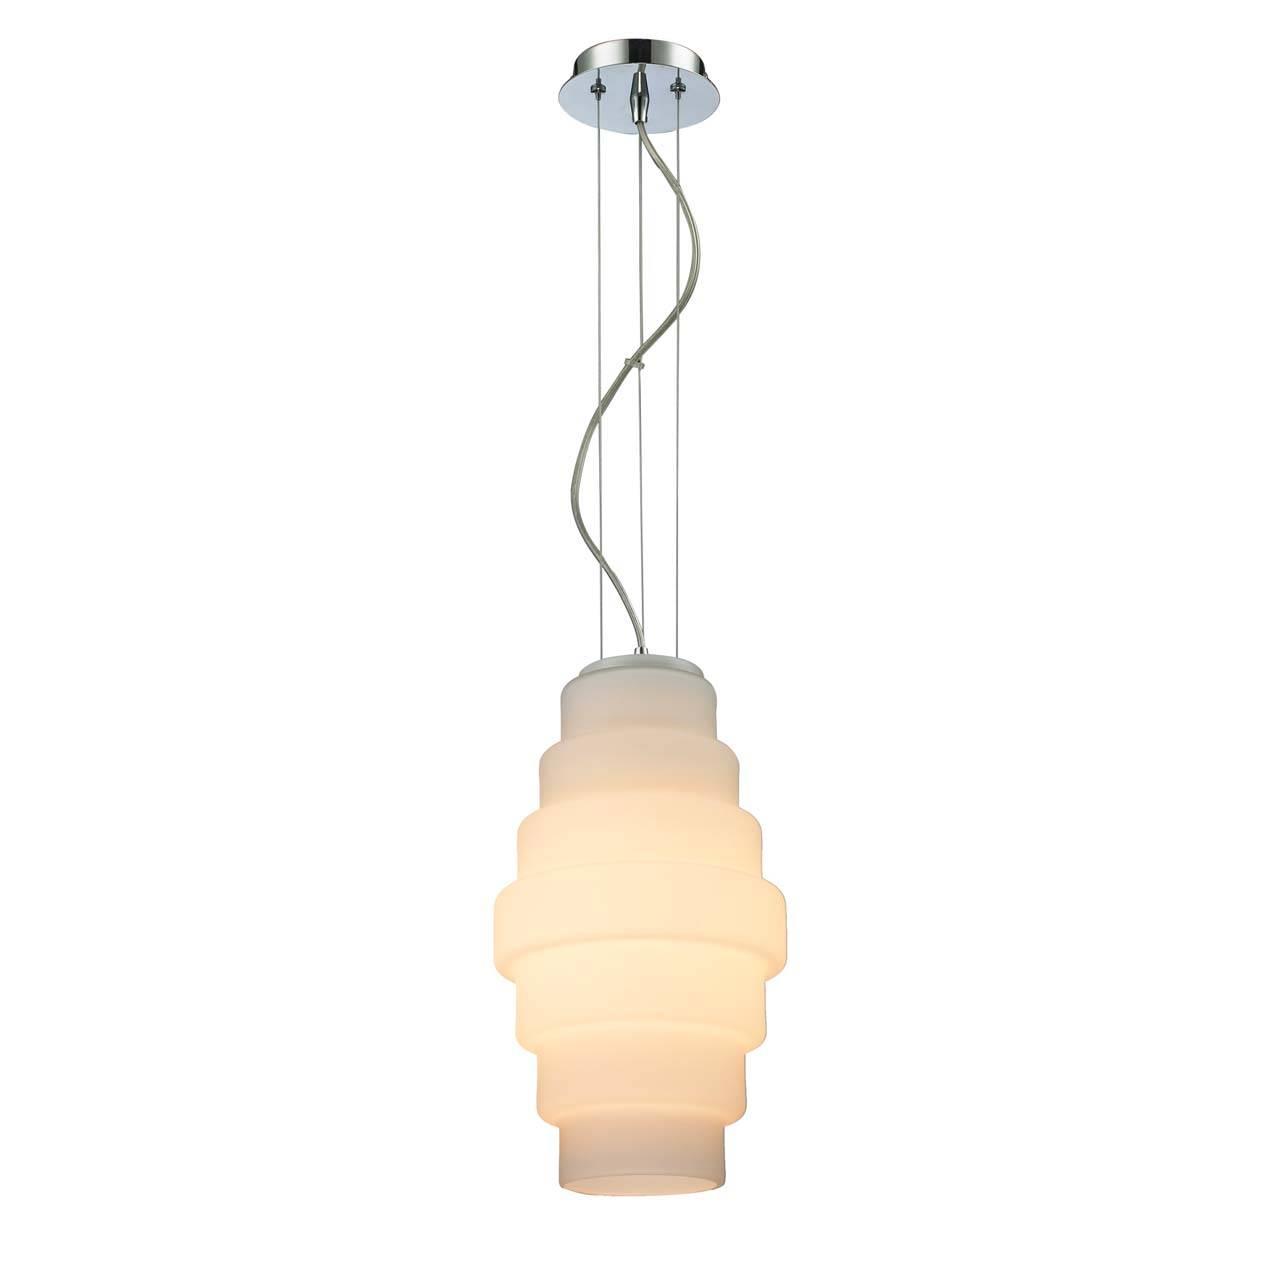 Купить со скидкой Подвесной светильник st Luce